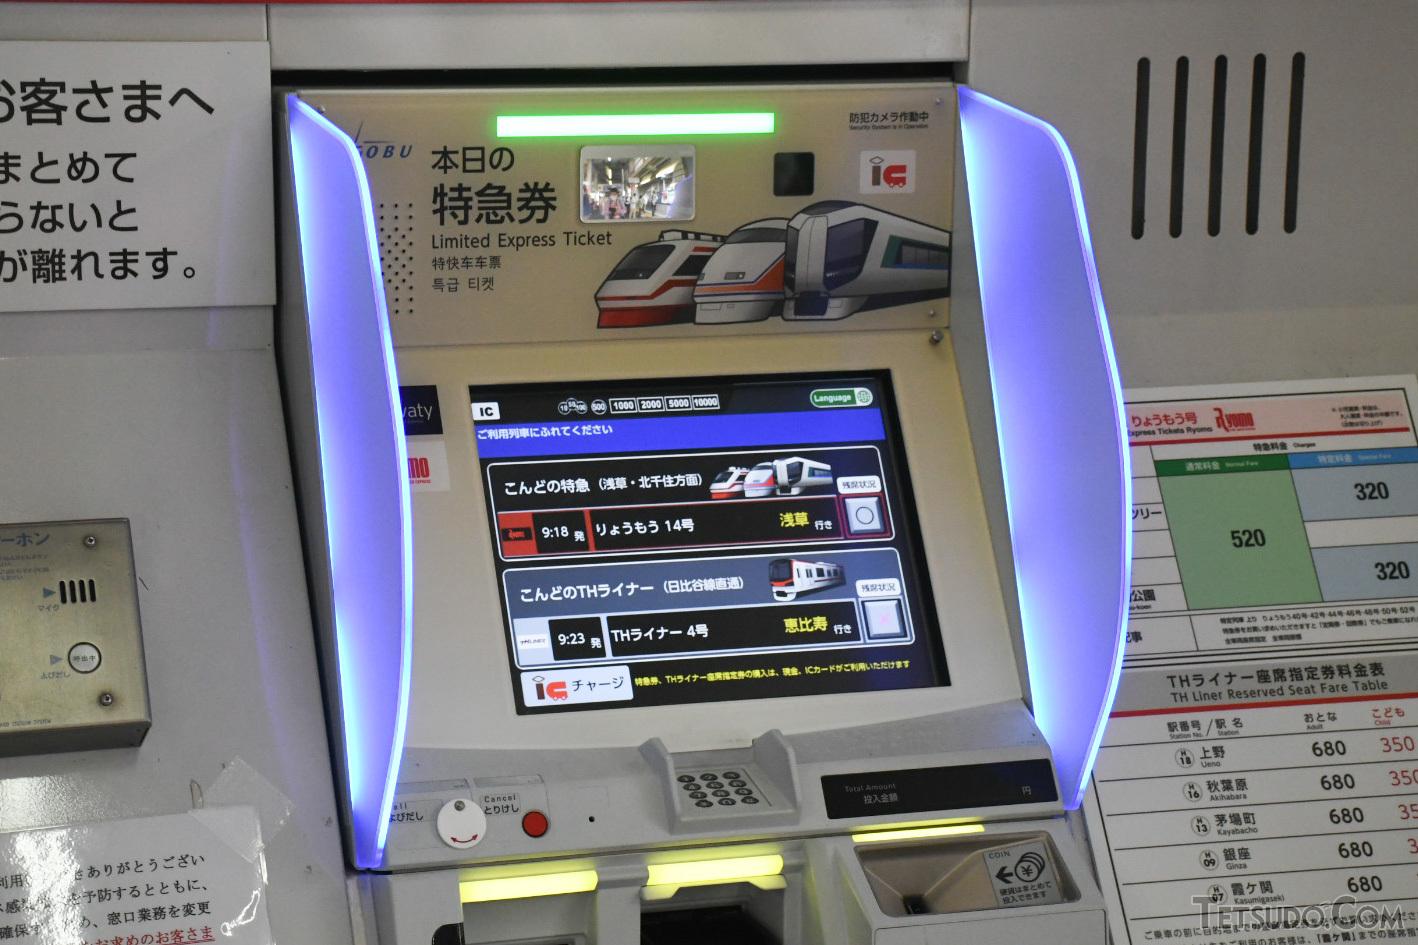 東武線内の停車駅で特急も停まる3駅では、ホームで座席指定券が購入できます